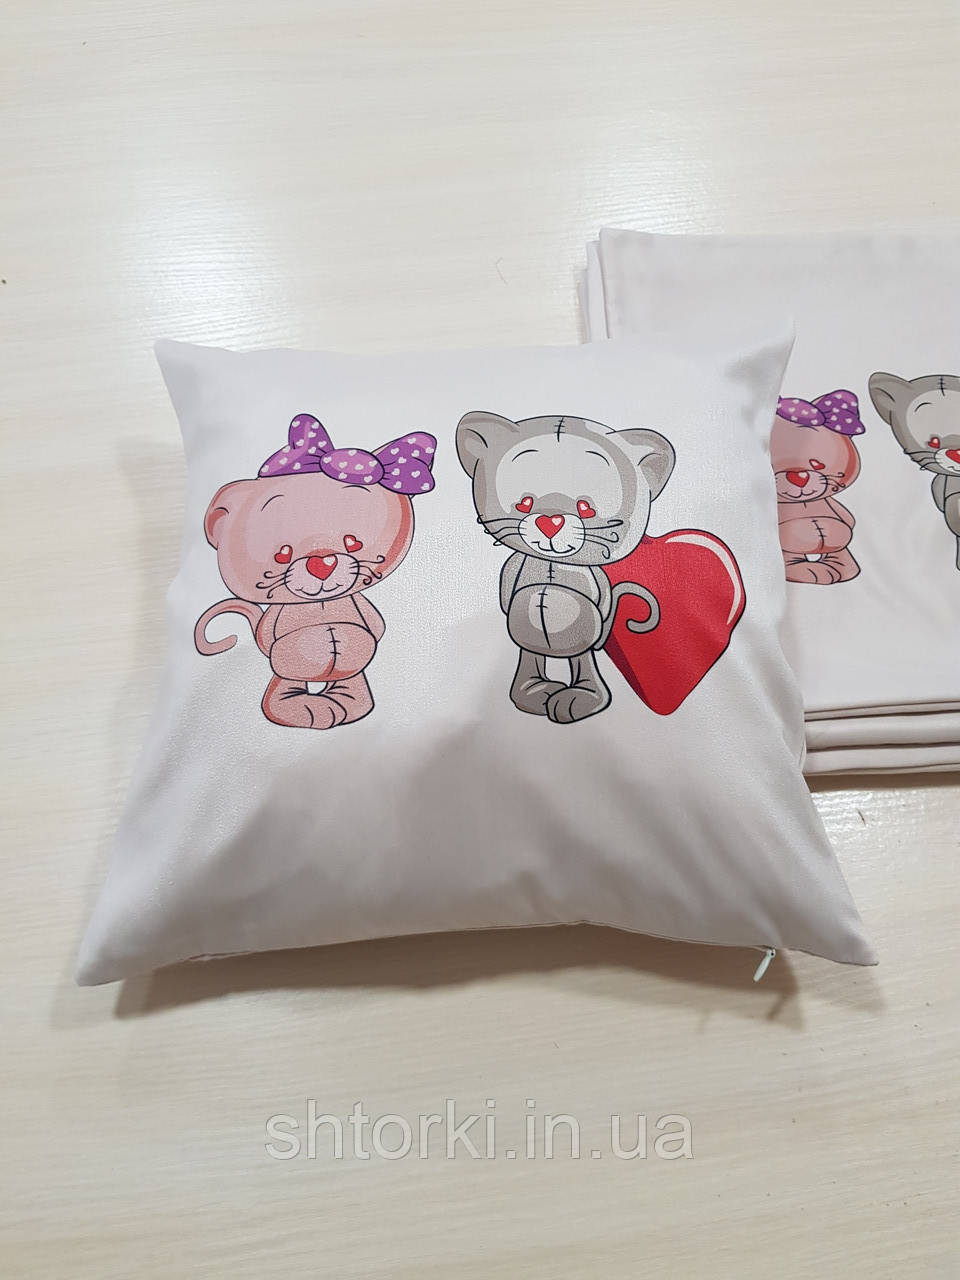 Подушка  Коты Любовь в подарок, 35х35см